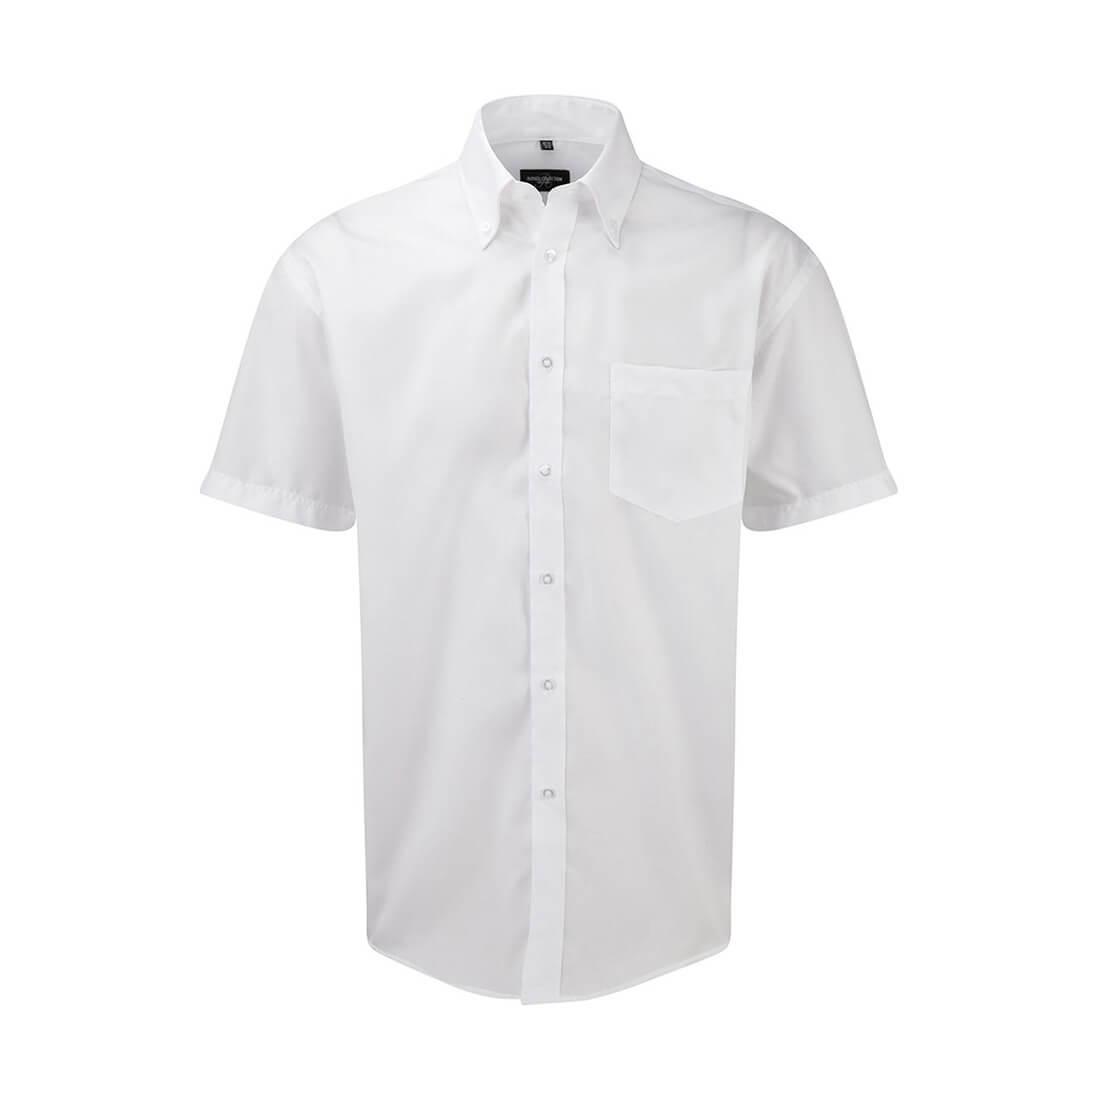 Camasa Ultimate Non-iron MS - Imbracaminte de protectie